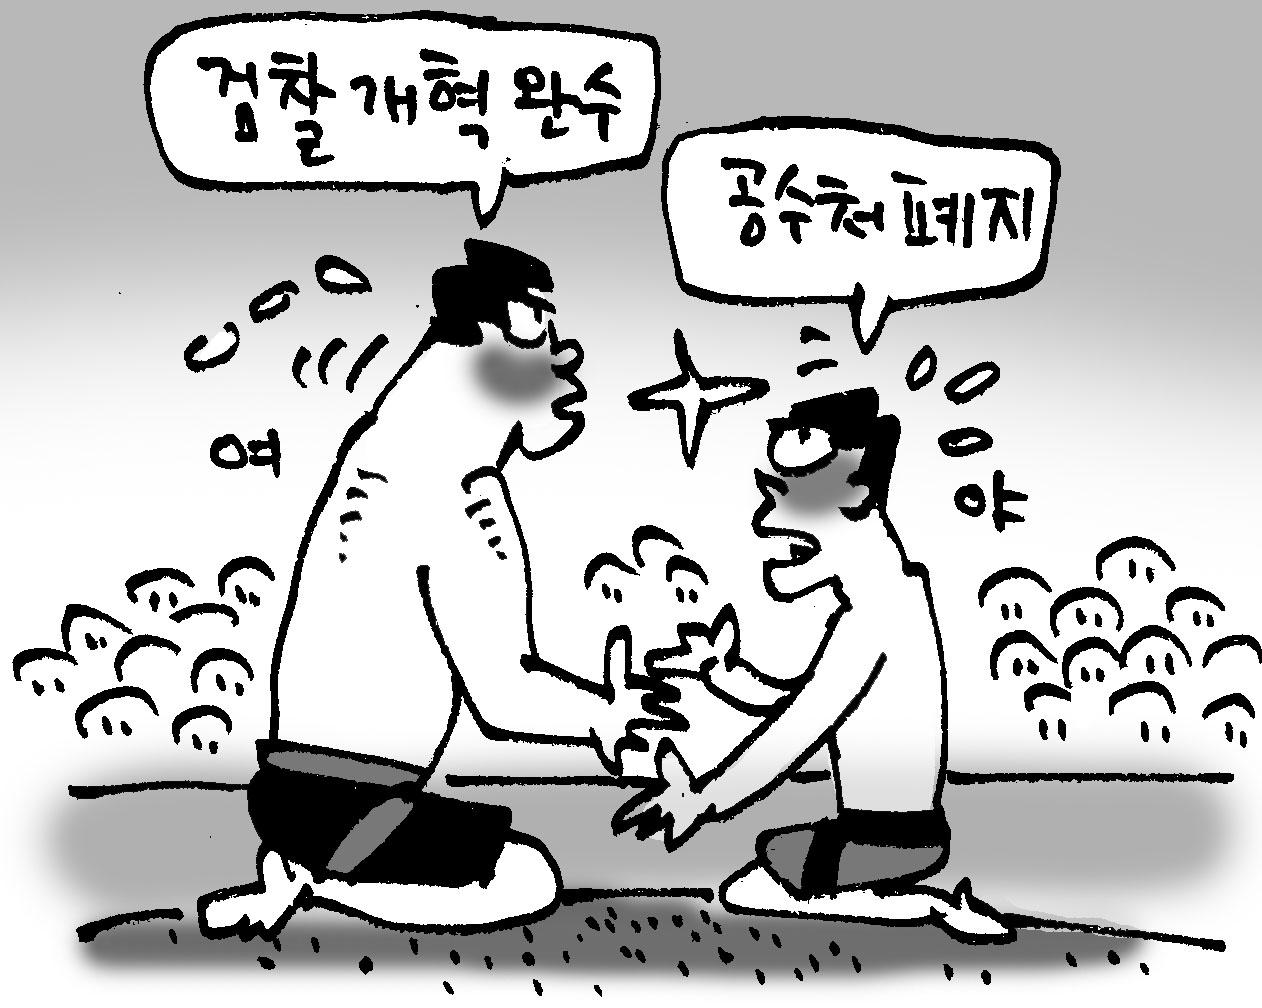 21대 국회 초반 '공수처' 싸고 여야 격돌 예고